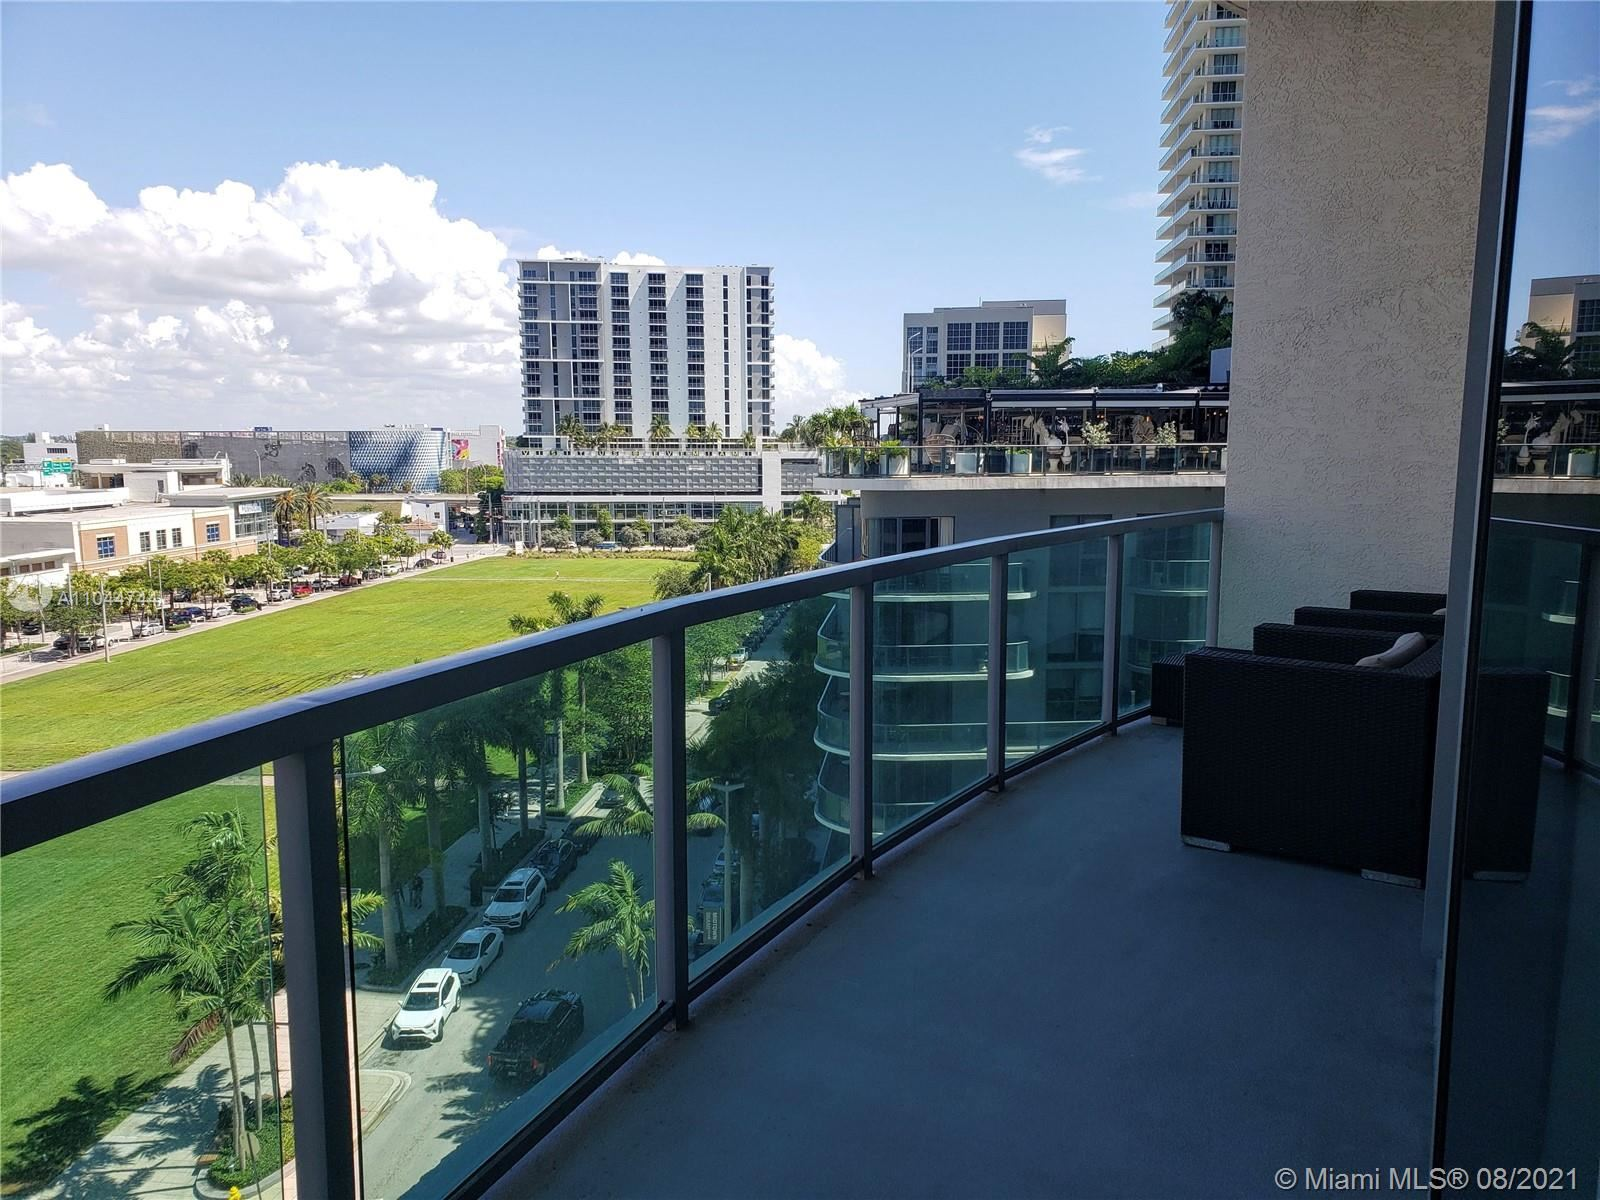 3301 NE 1st Ave #M0704, Miami, FL 33137 - #: A11044744